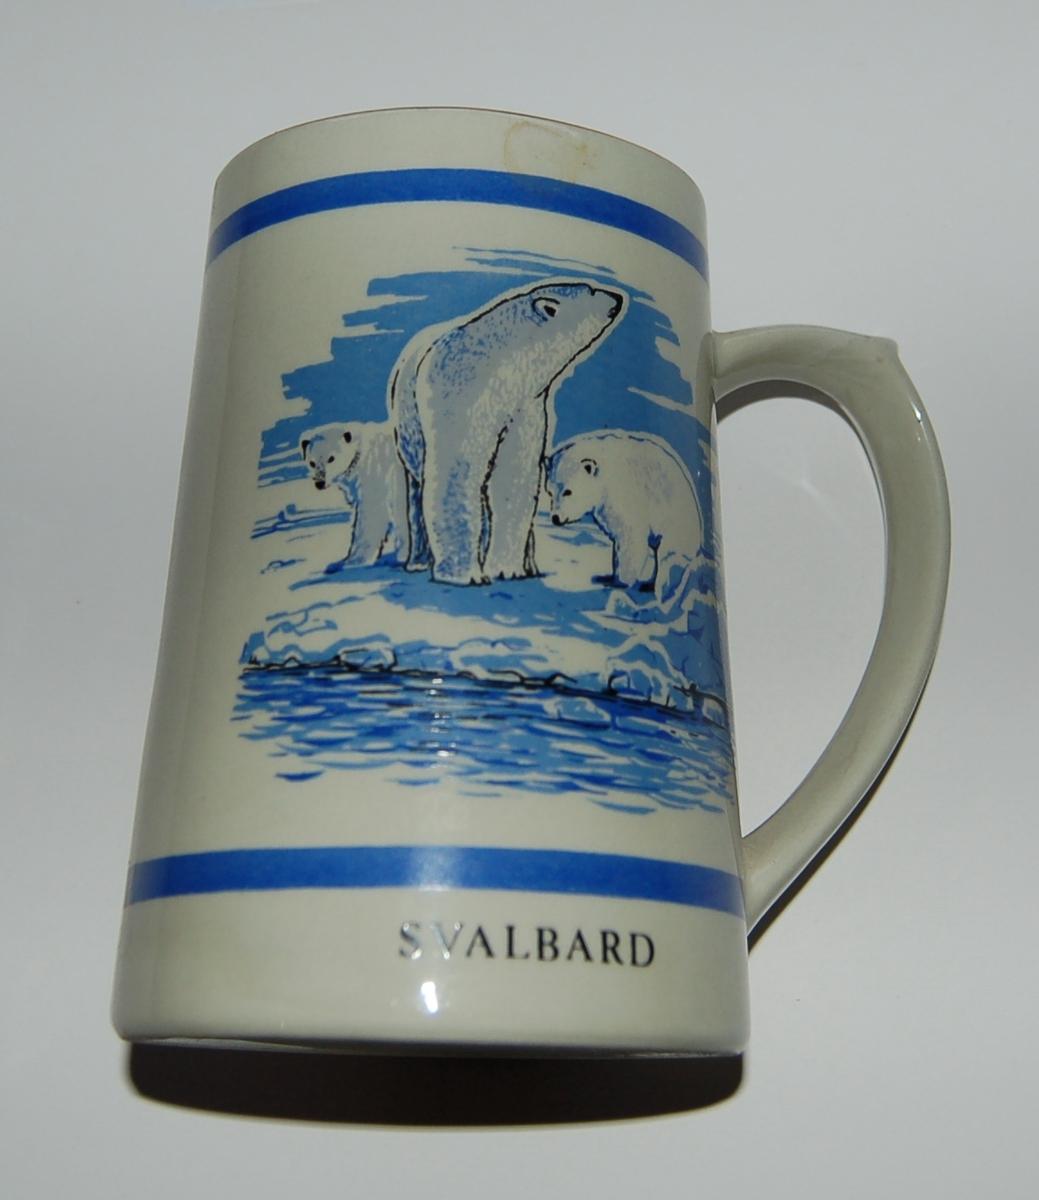 Utsmykka kjegleformet souvenirkrus i glassert porselen. Motiv: Kart over Svalbard - Isbjørnbinne med to unger. Tekst: Svalbard - Spitsbergen.